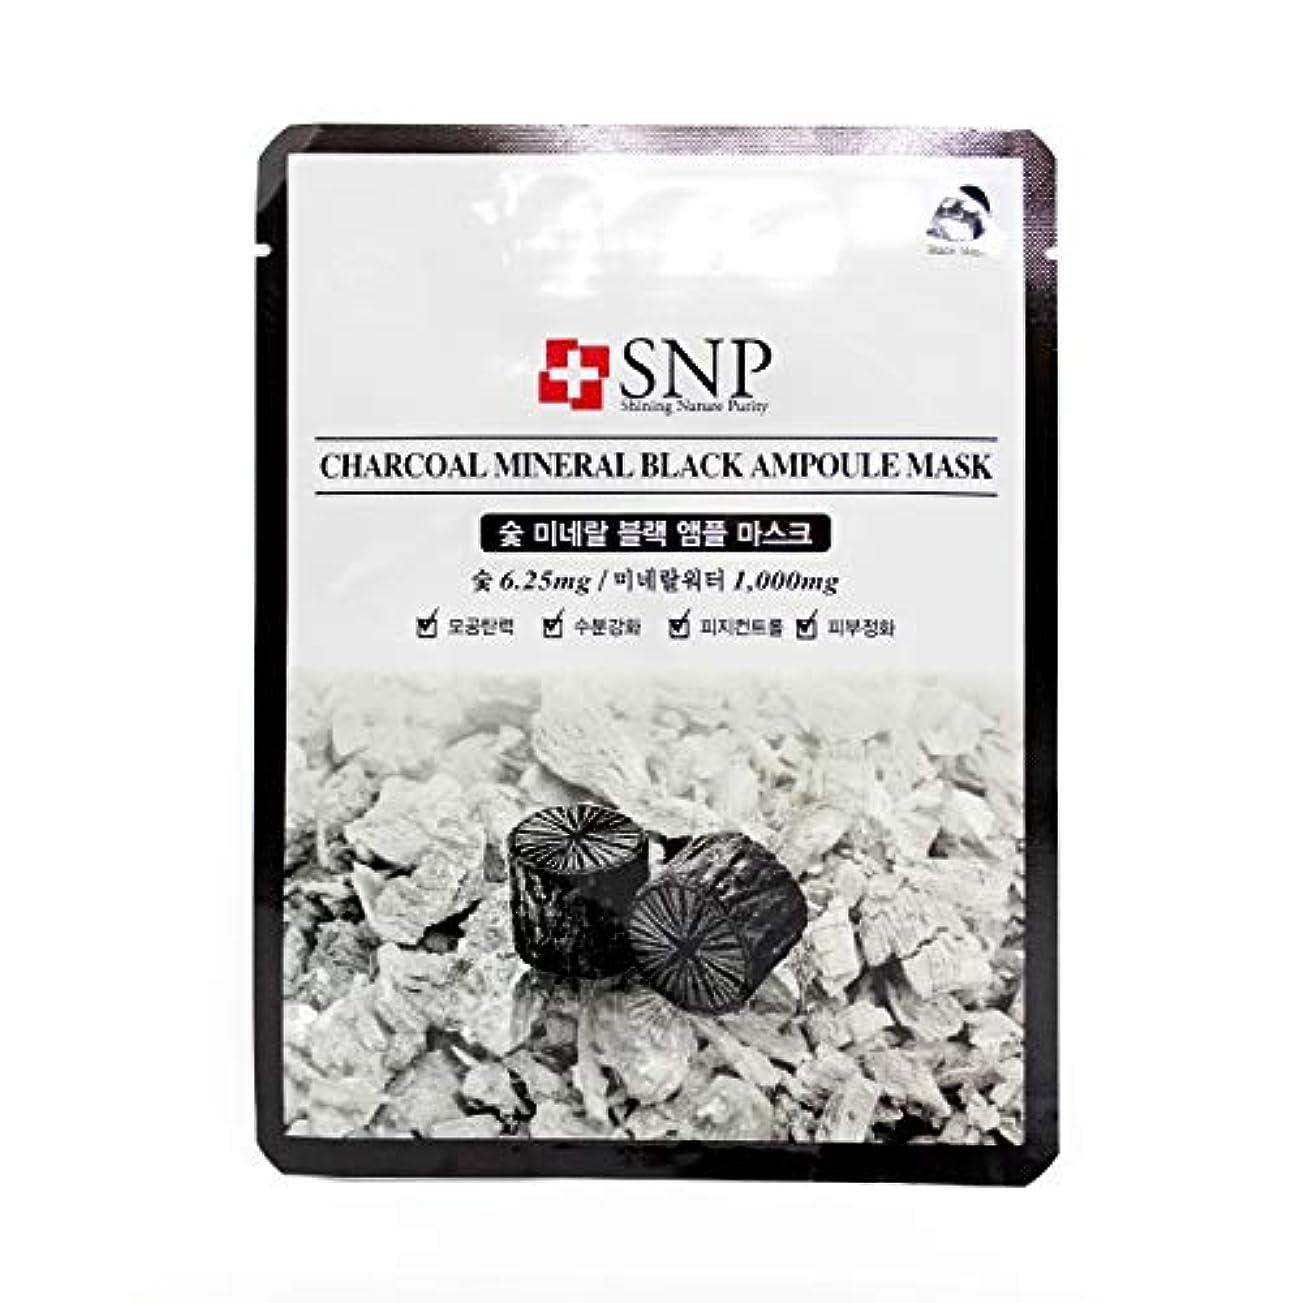 急流抽出博物館SNP エスエヌピー 炭 ミネラル ブラック アンプル マスク 10枚セット